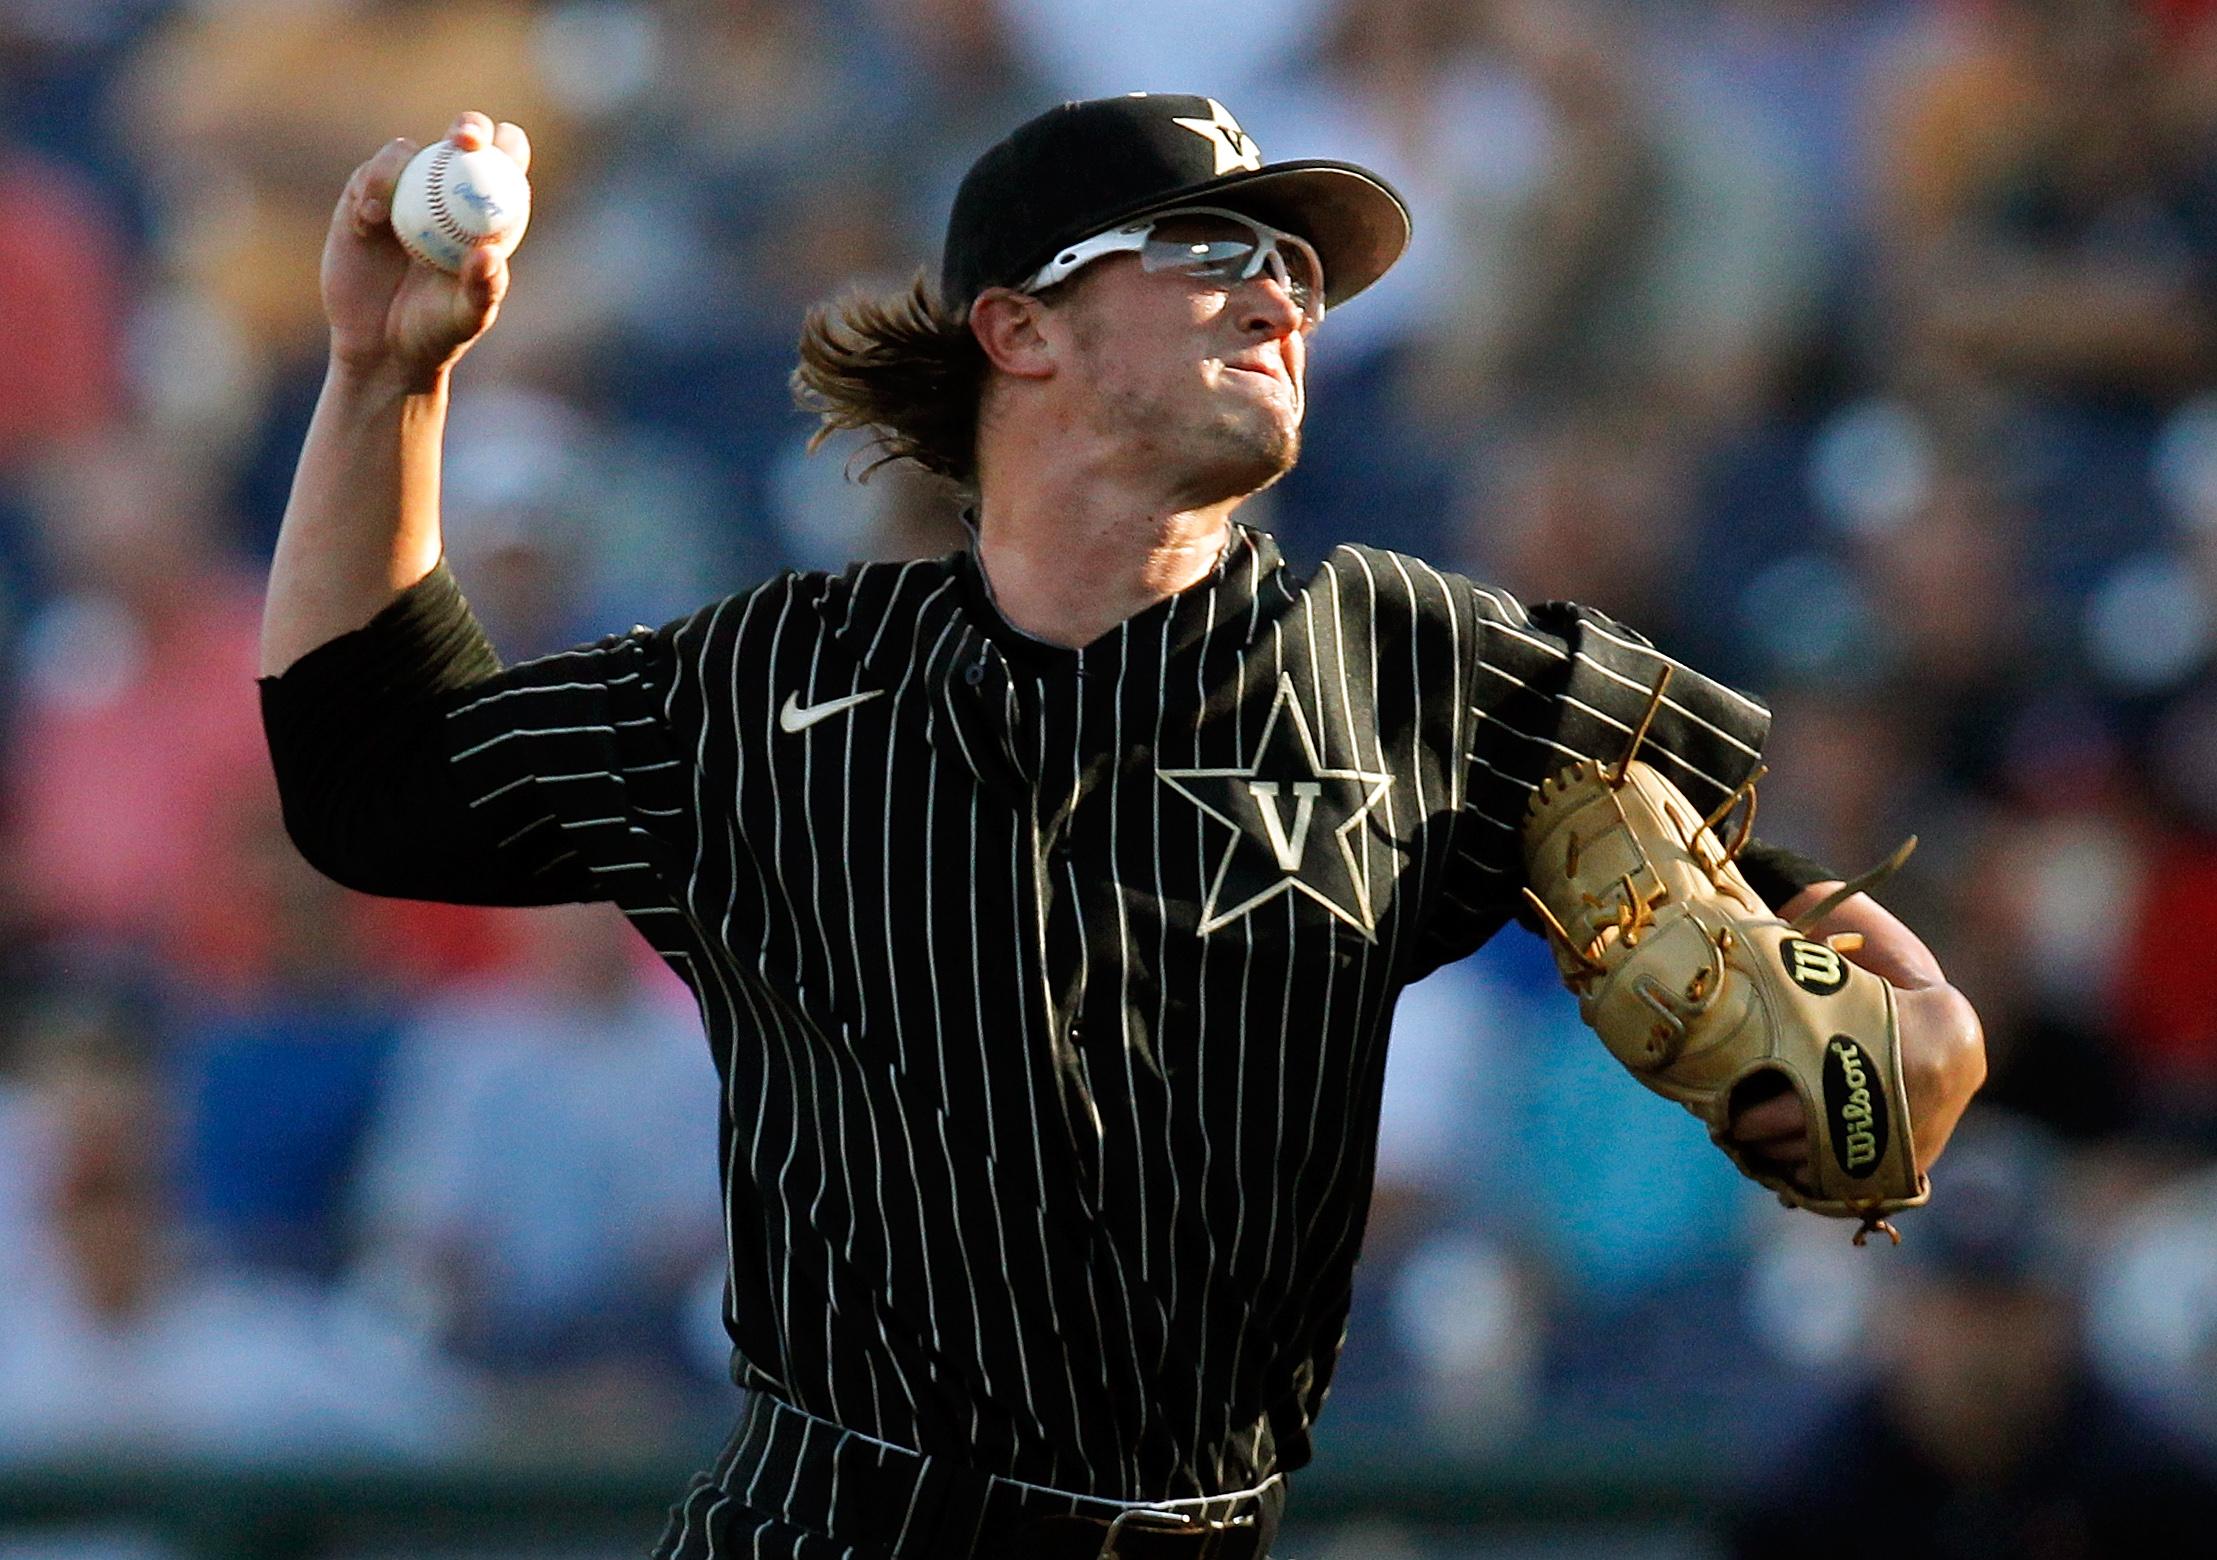 Carson Fulmer, softly tossing a few warm-up throws...